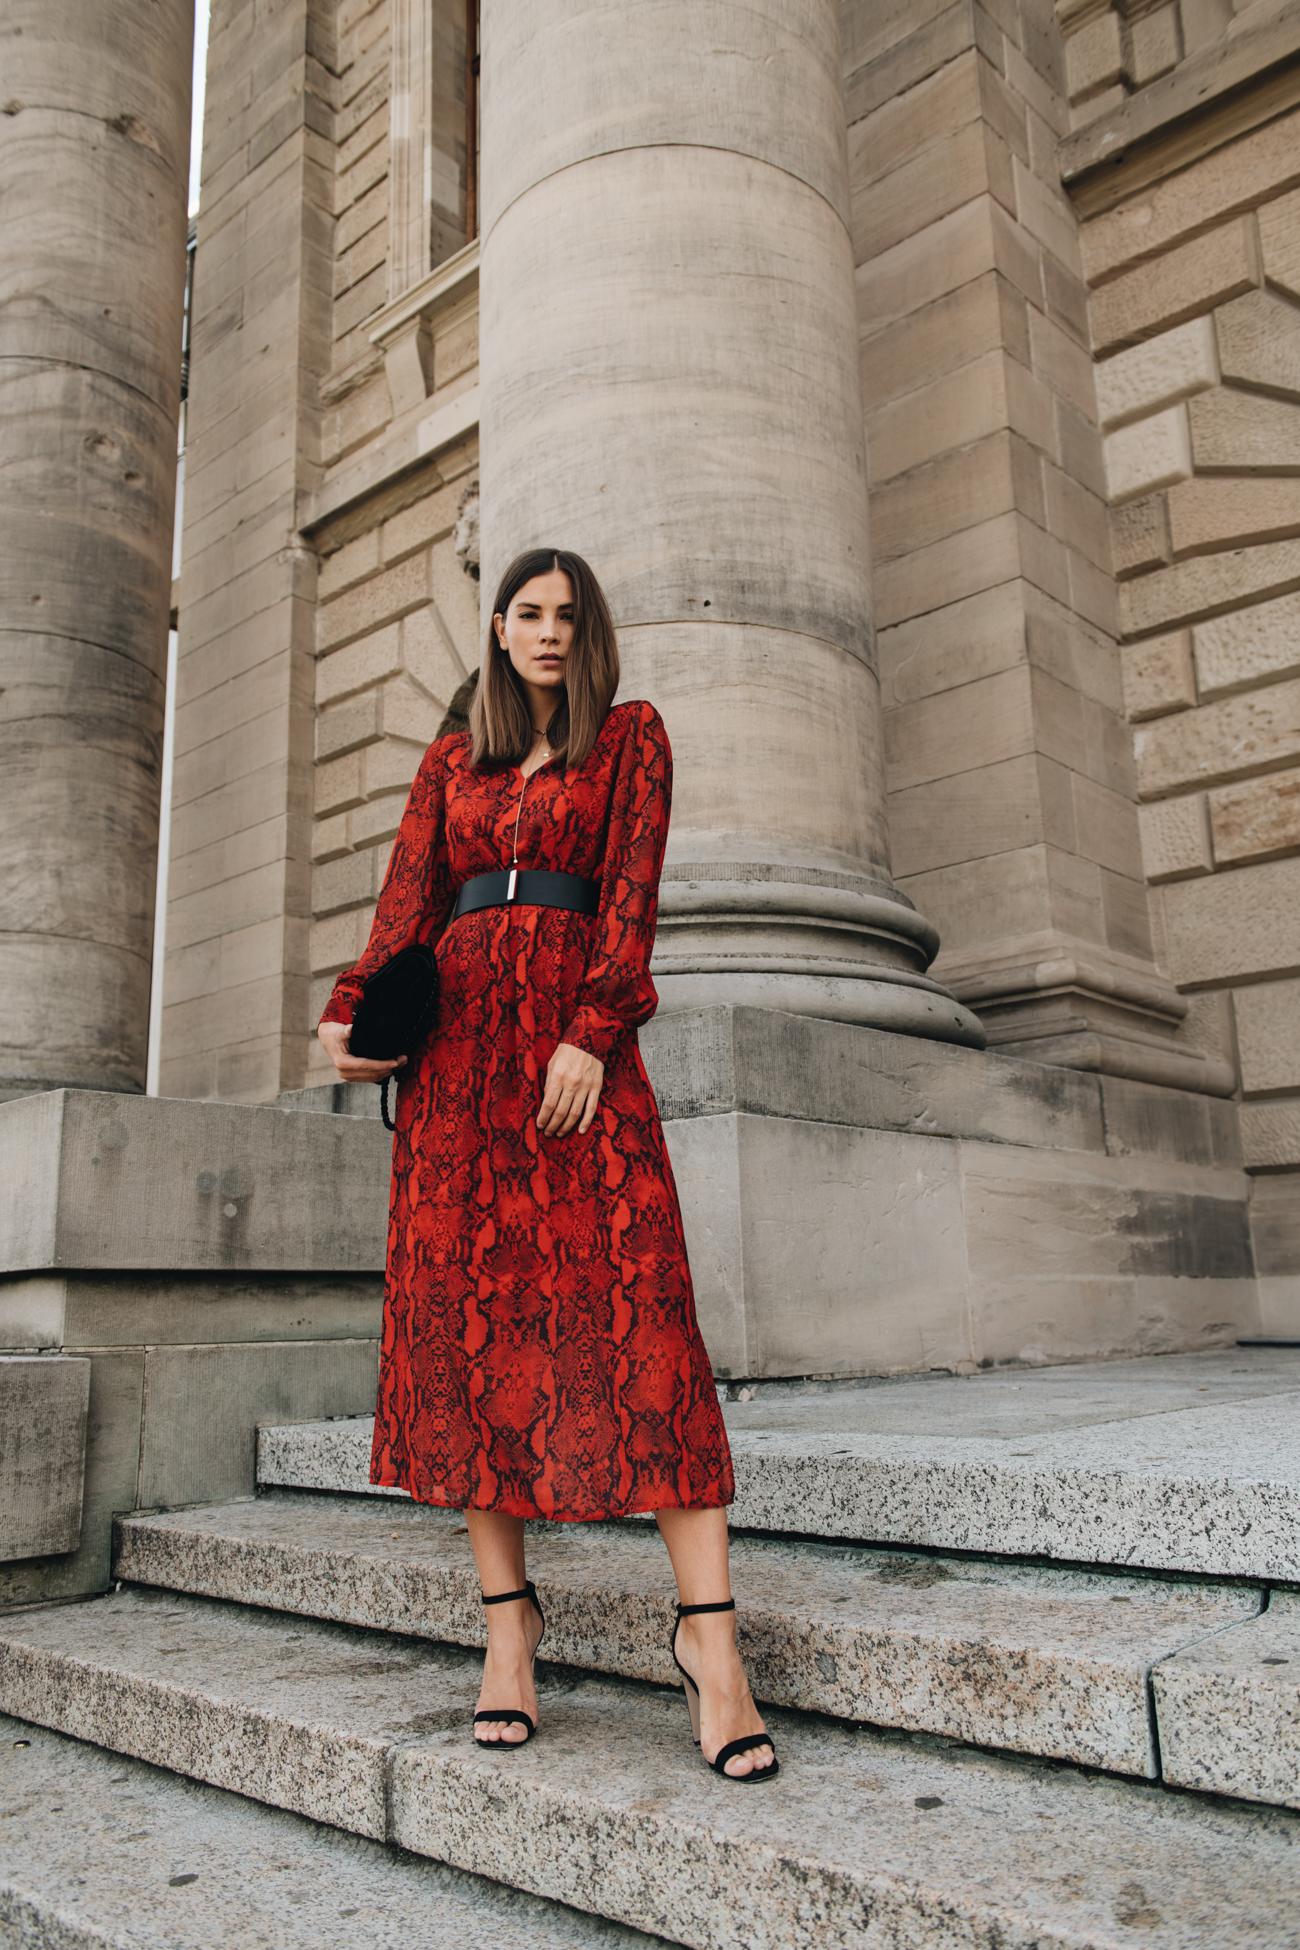 rotes Kleid mit Schlangenmuster